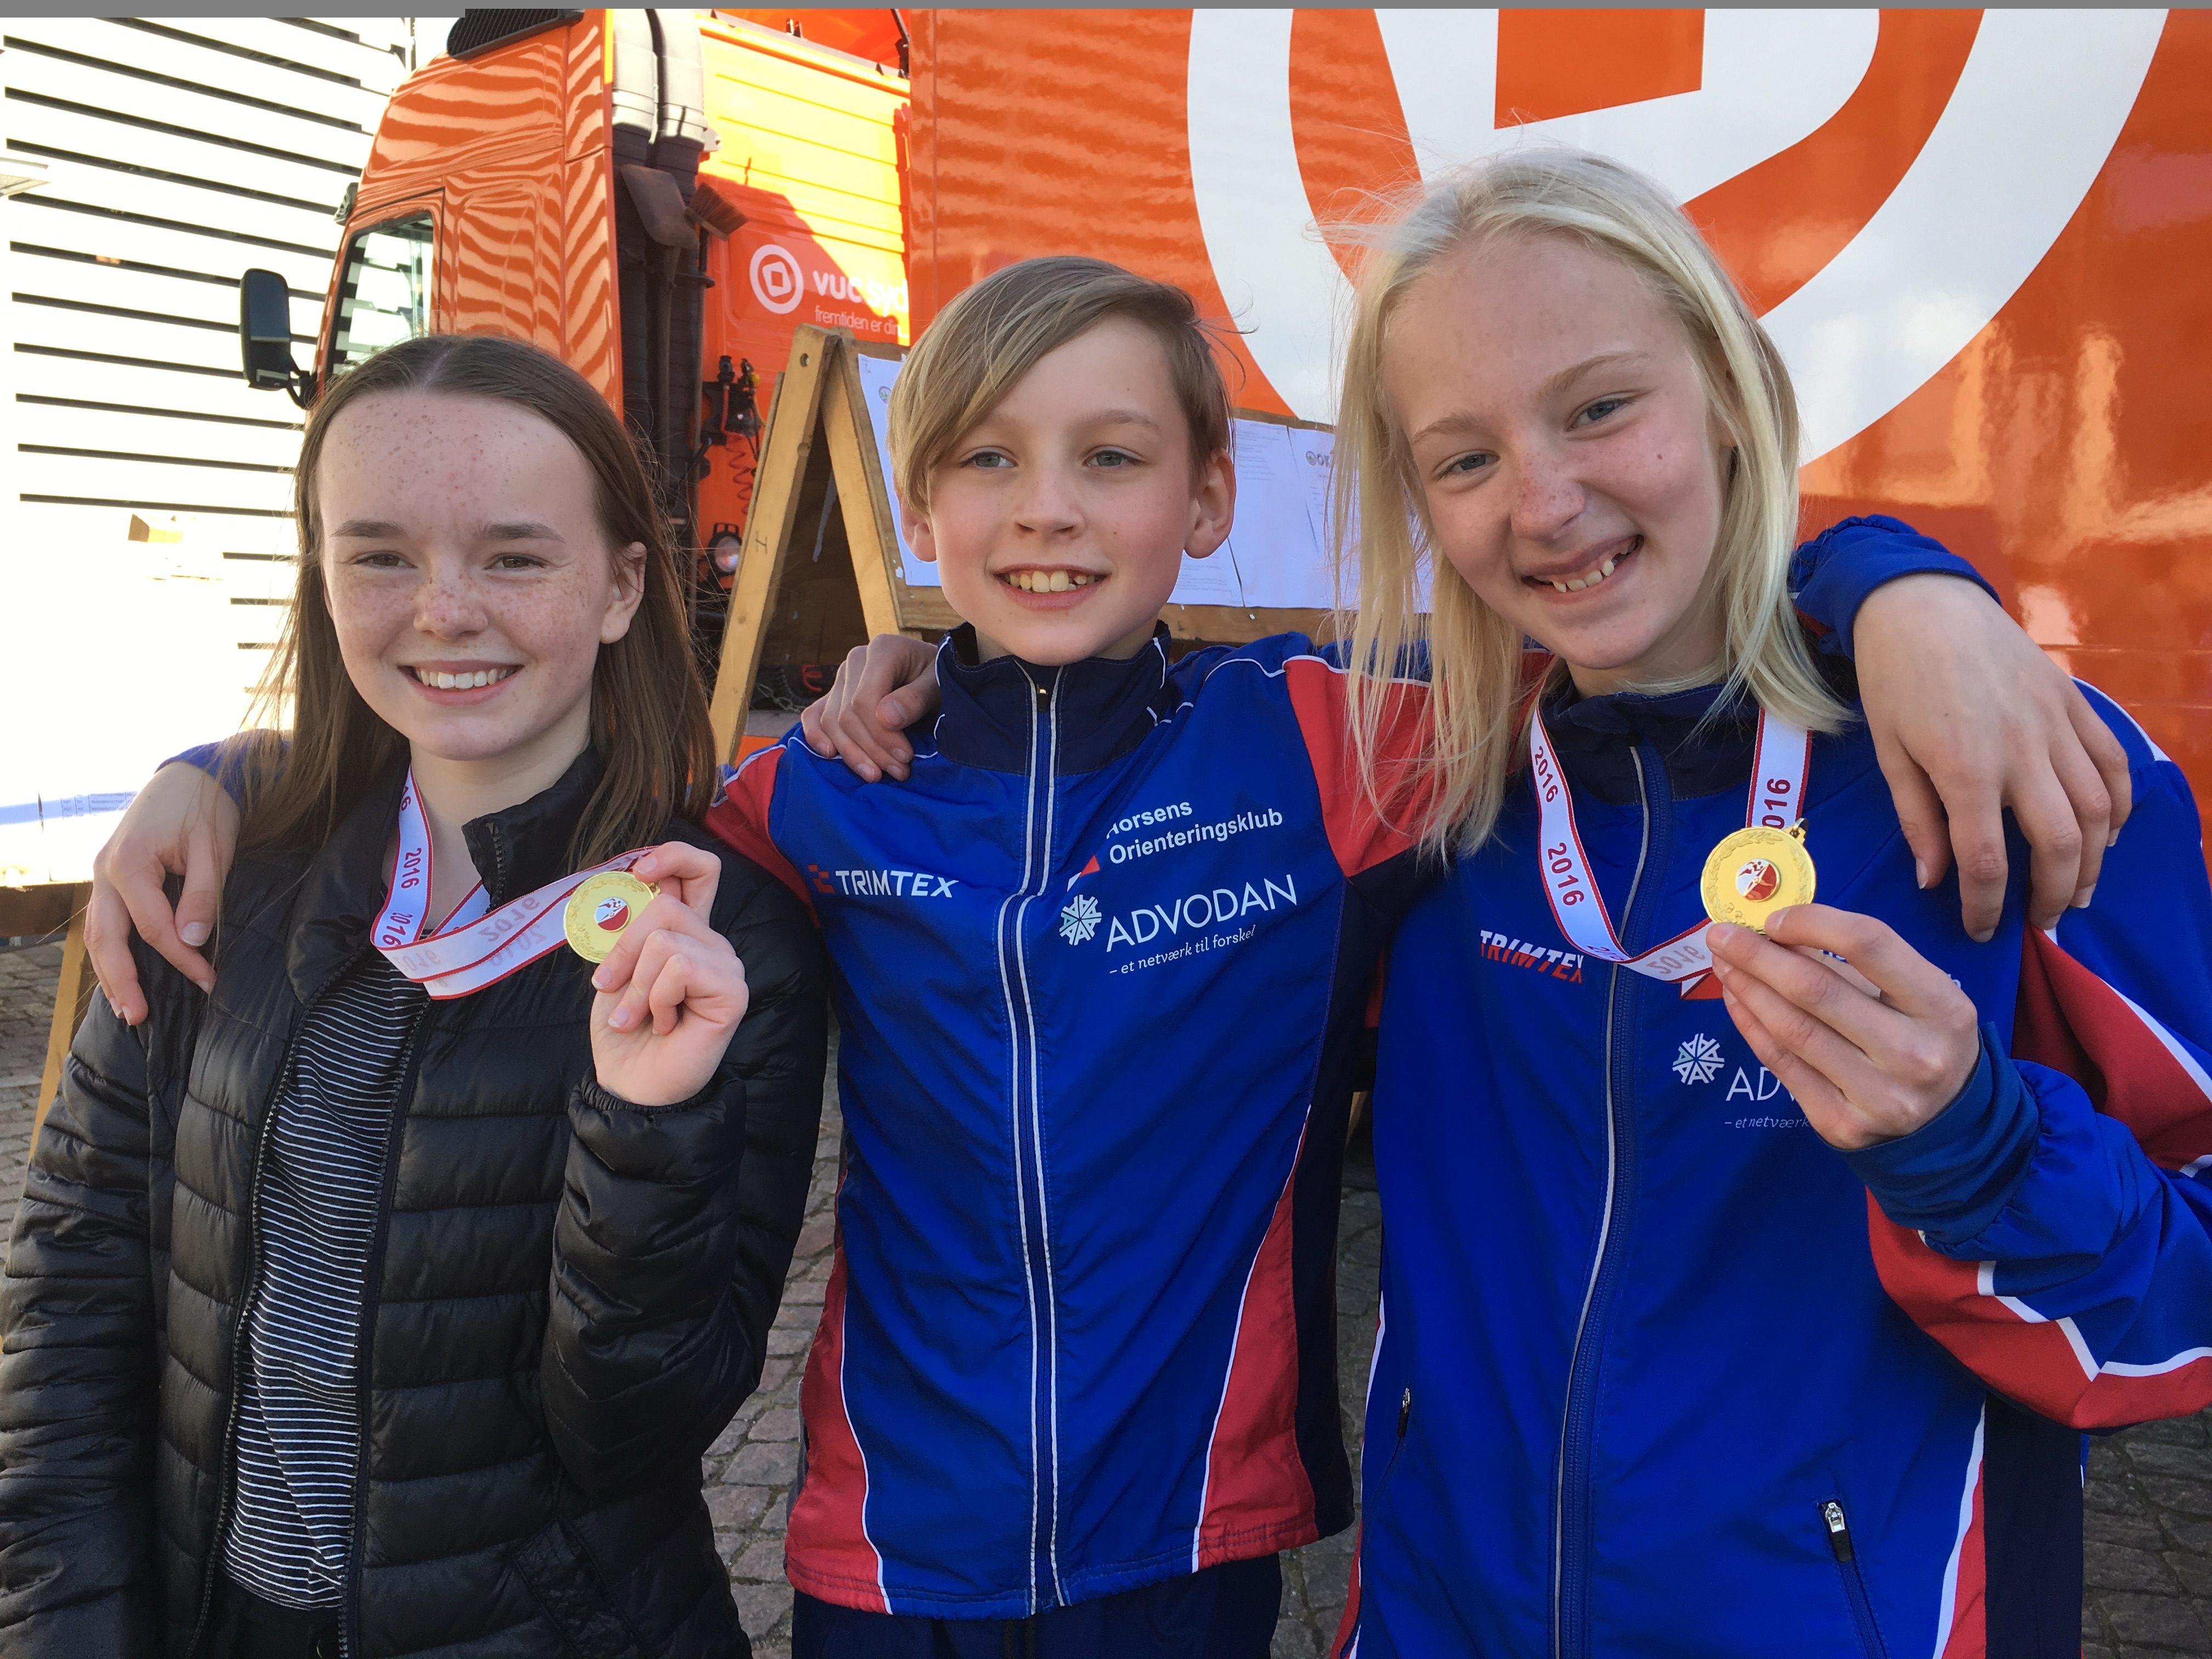 De glade medaljetagere i til sprinten i Haderslev. Fra venstre Rebecca Loft Thyssen, Jonas Kokholm og Theresa Skouboe